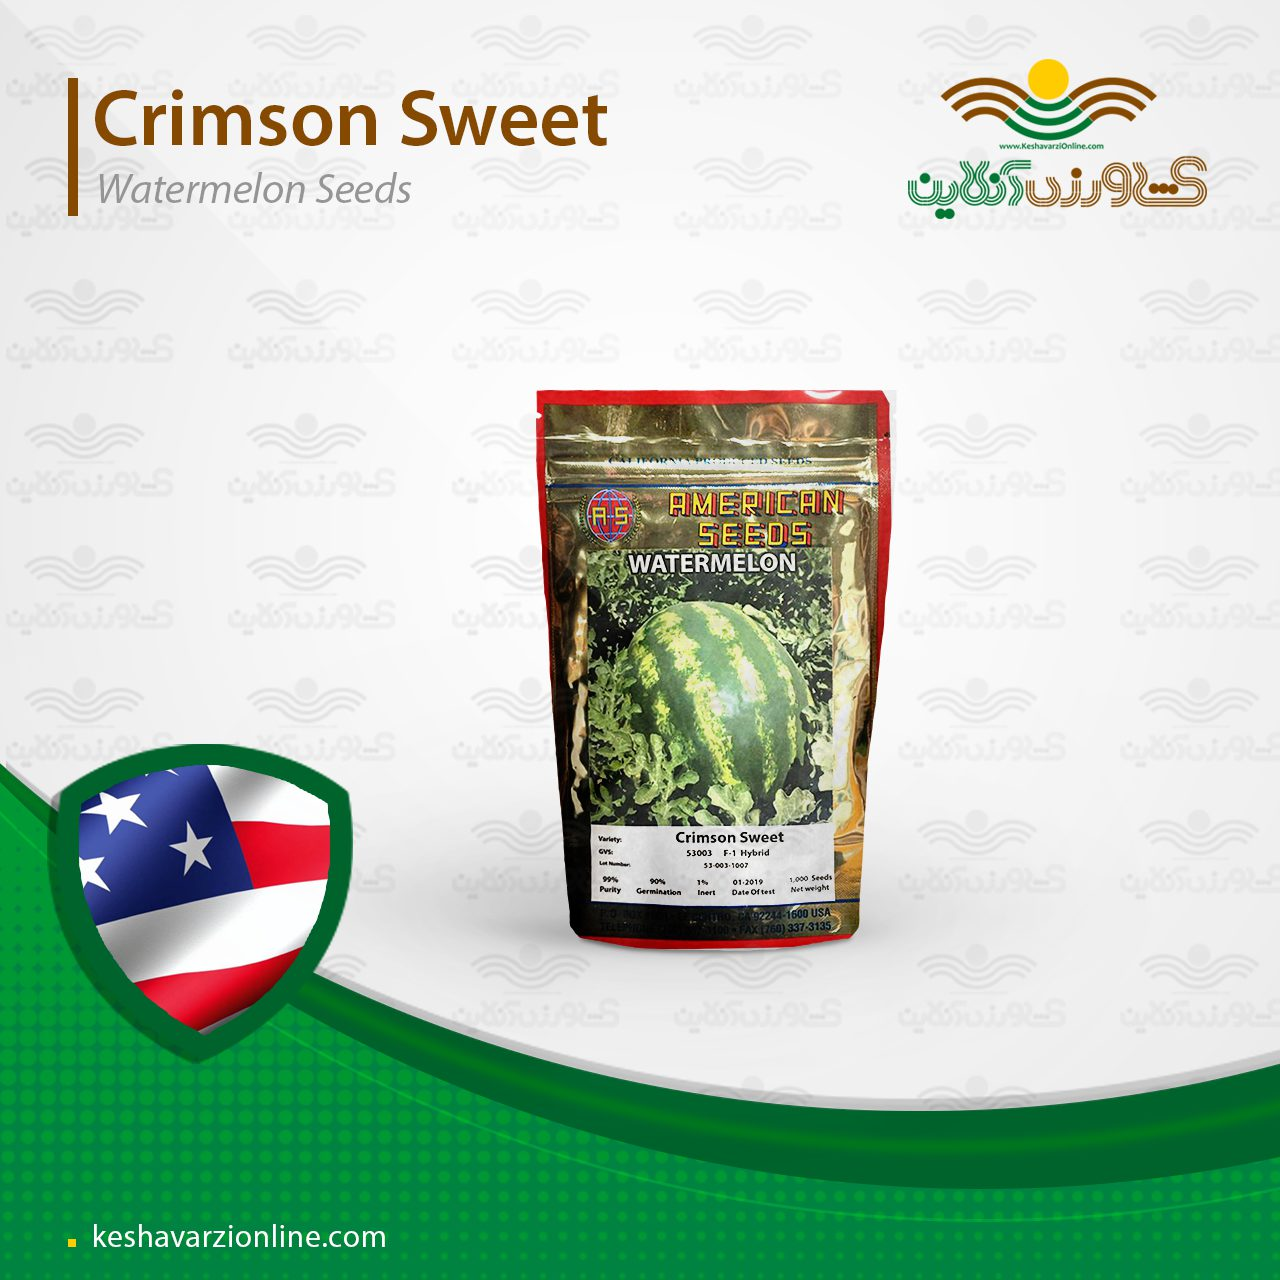 بذر هندوانه هیبرید کریمسون سوئیت گرد